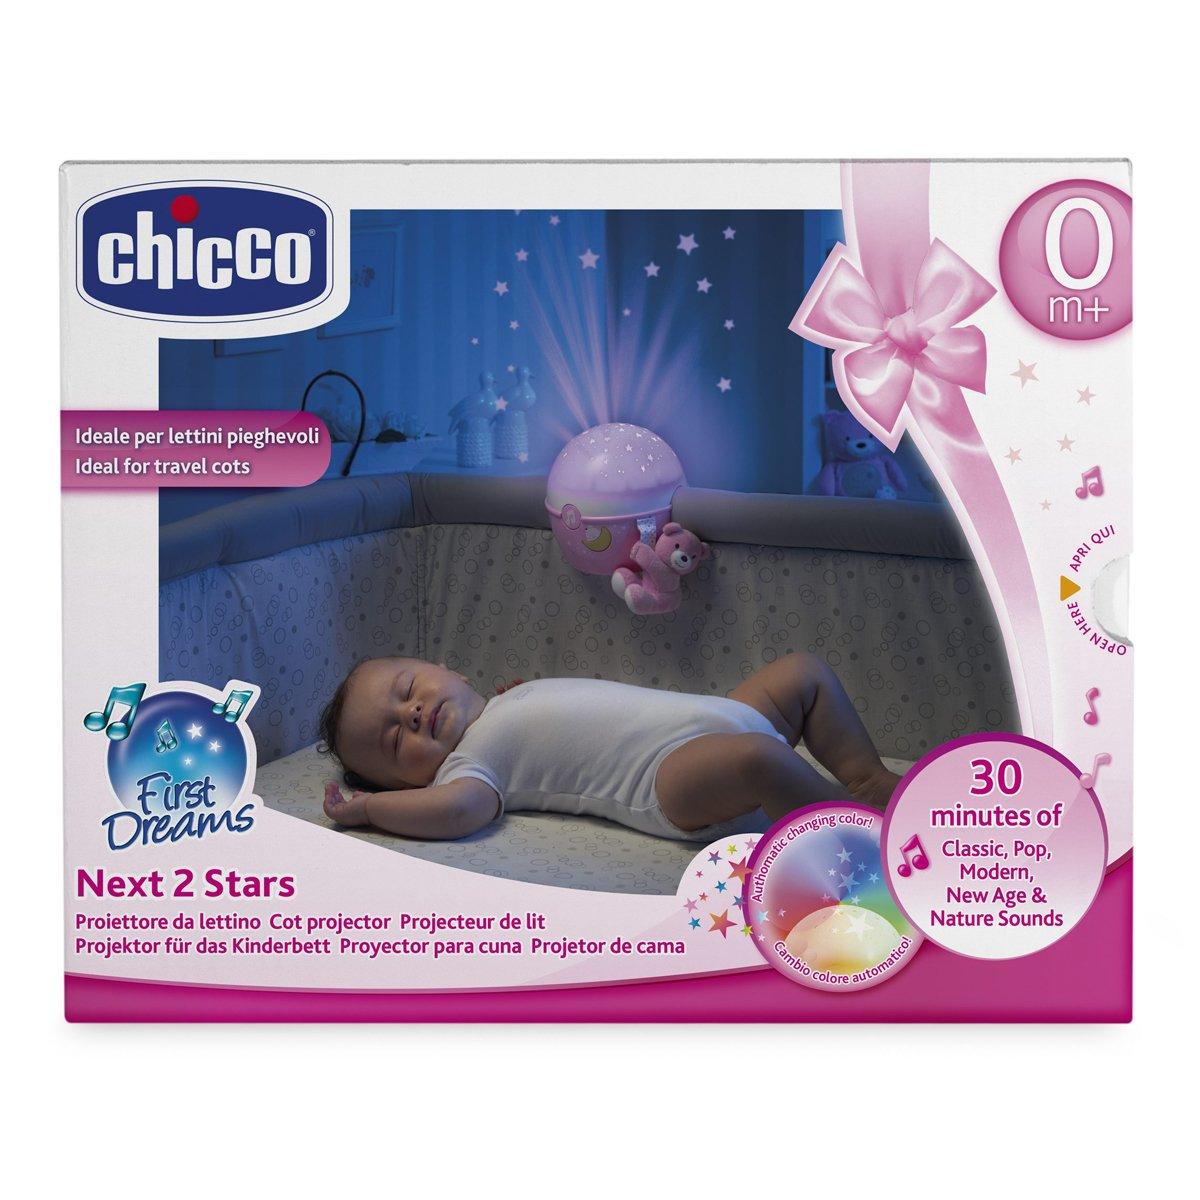 Chicco Next2Stars - Proyector con efecto de luces, estrellas y melodías para cunas y mesilla, color rosa: Amazon.es: Juguetes y juegos